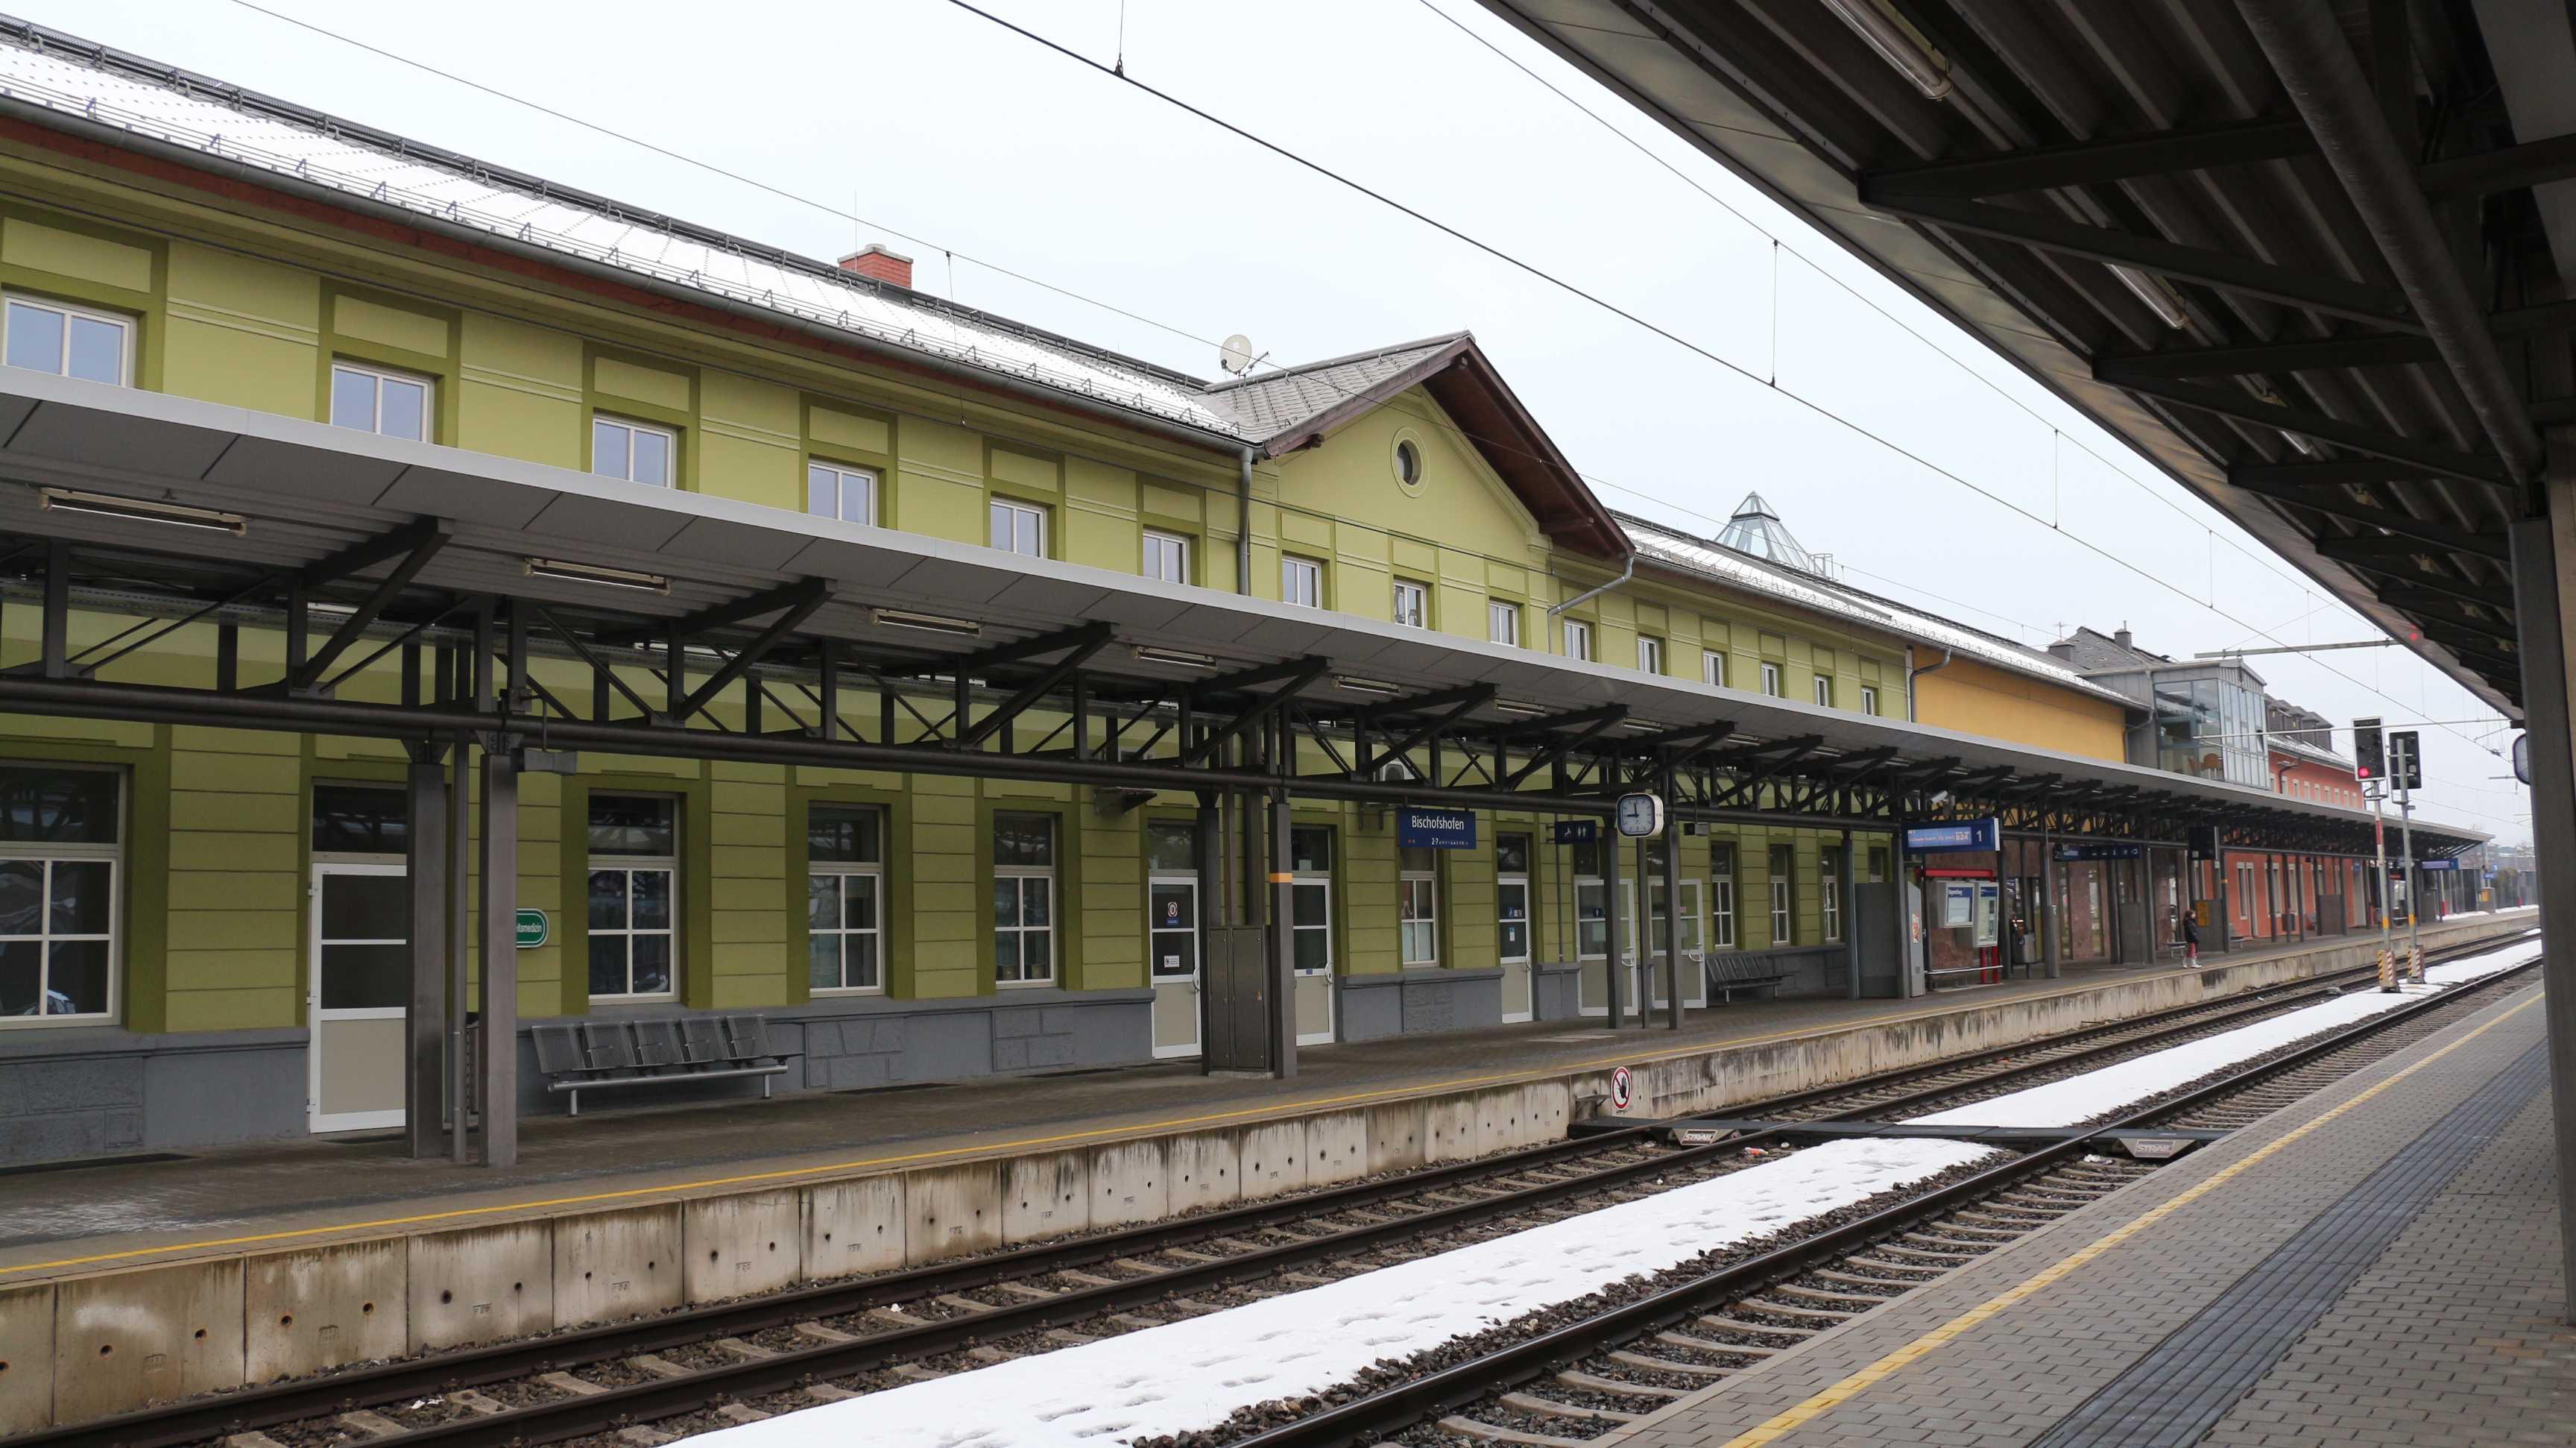 Bahnhof Bischofshofen